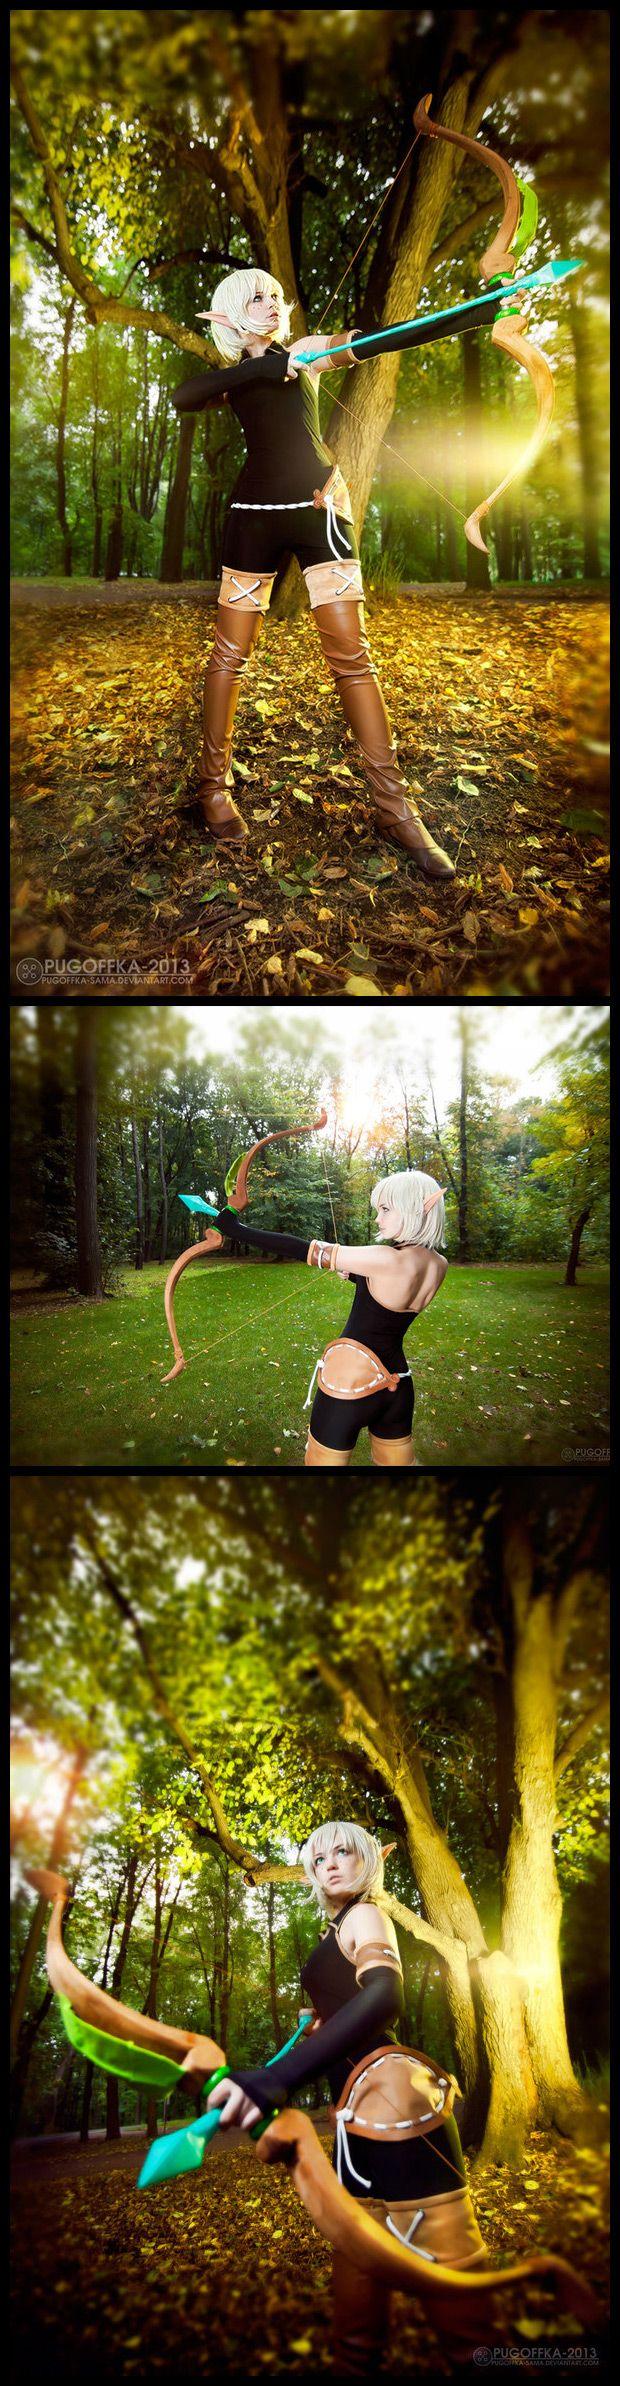 Evangelyne #Cosplay from Wakfu #MMORPG